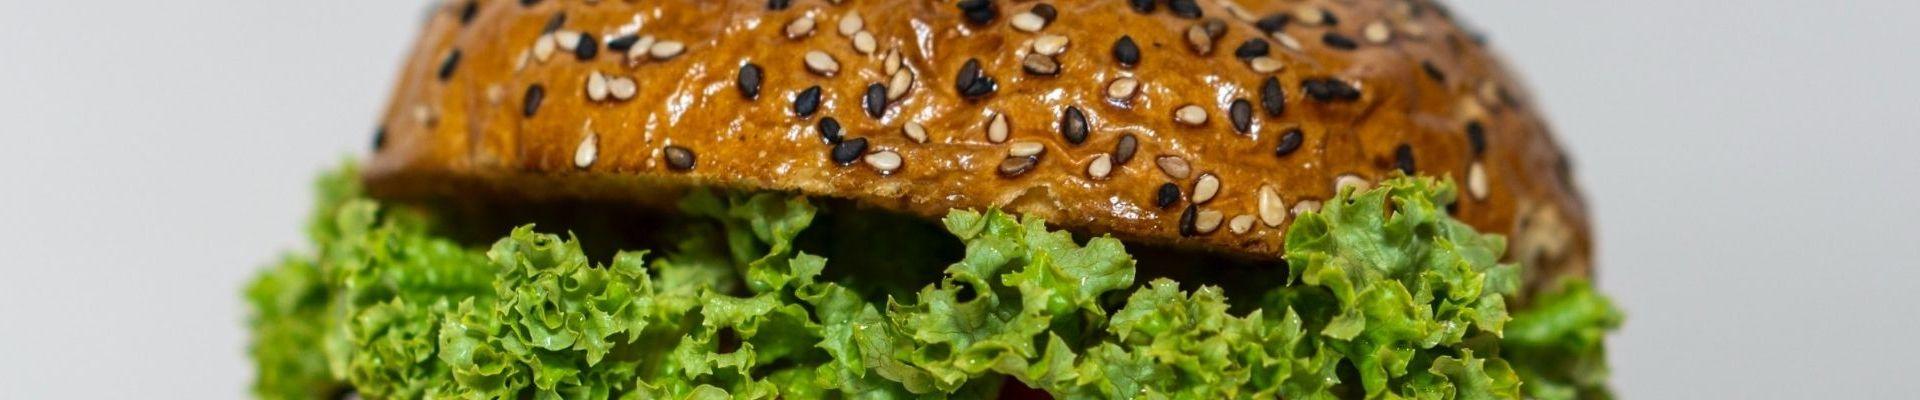 Hambúrgueres ao domicílio em Coimbra...deliciosos, sempre que queiras!